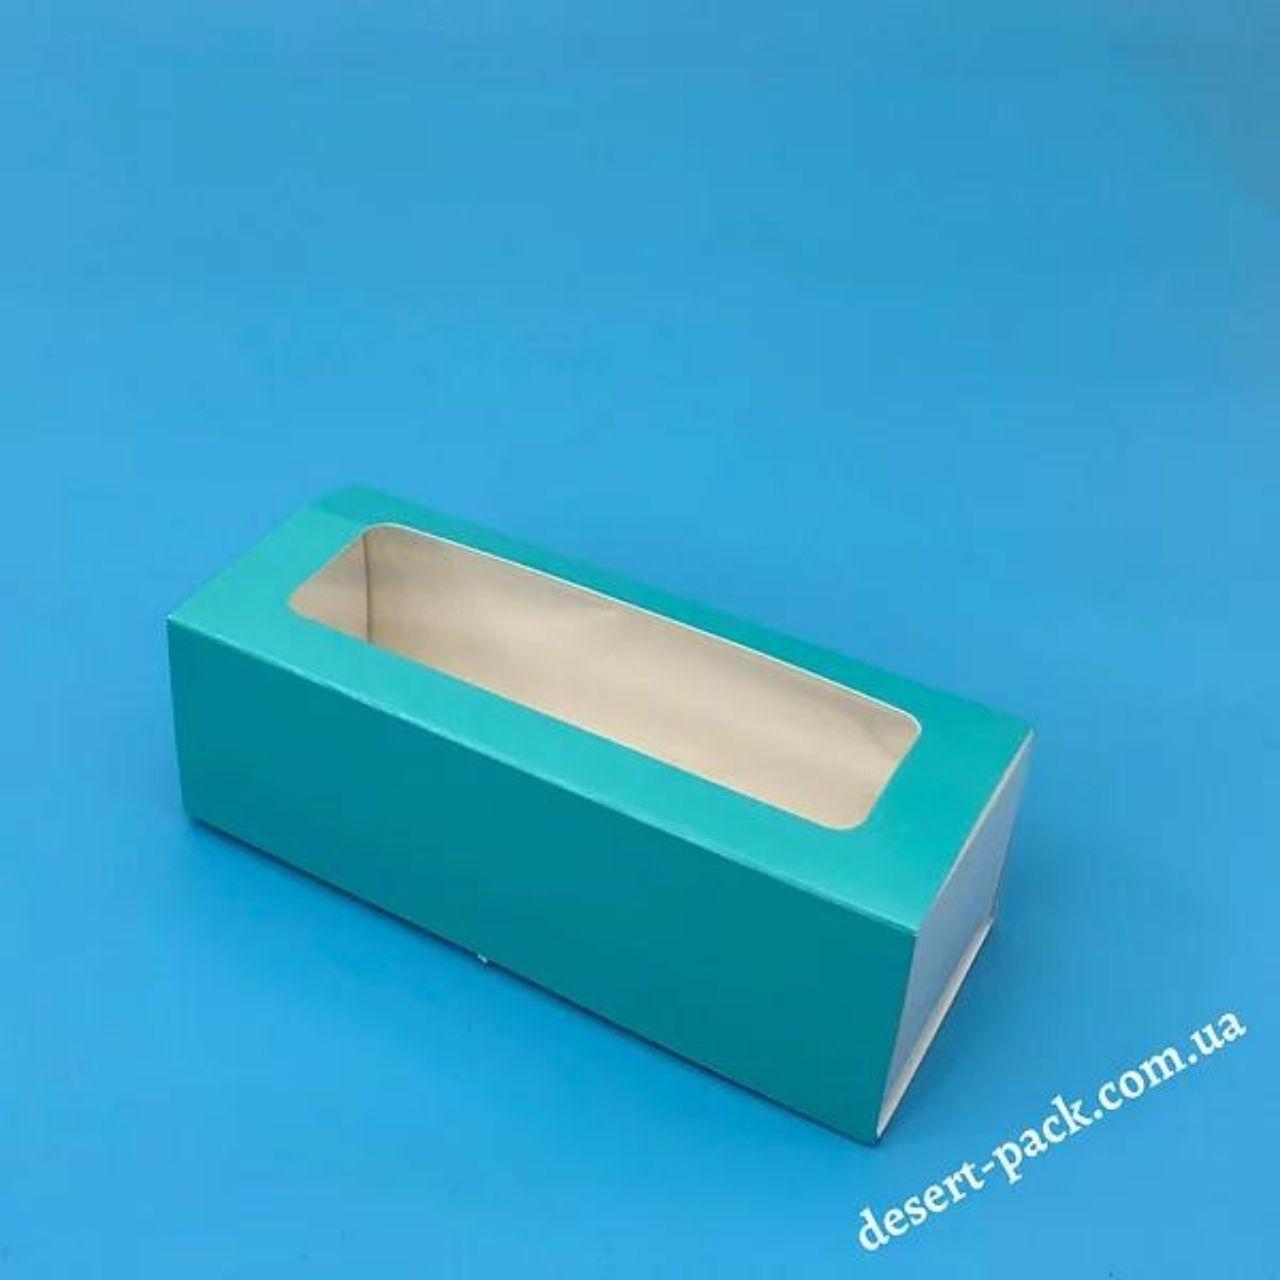 Коробка для 5 макаронс 140х55х45 мм (з вікном) бірюза